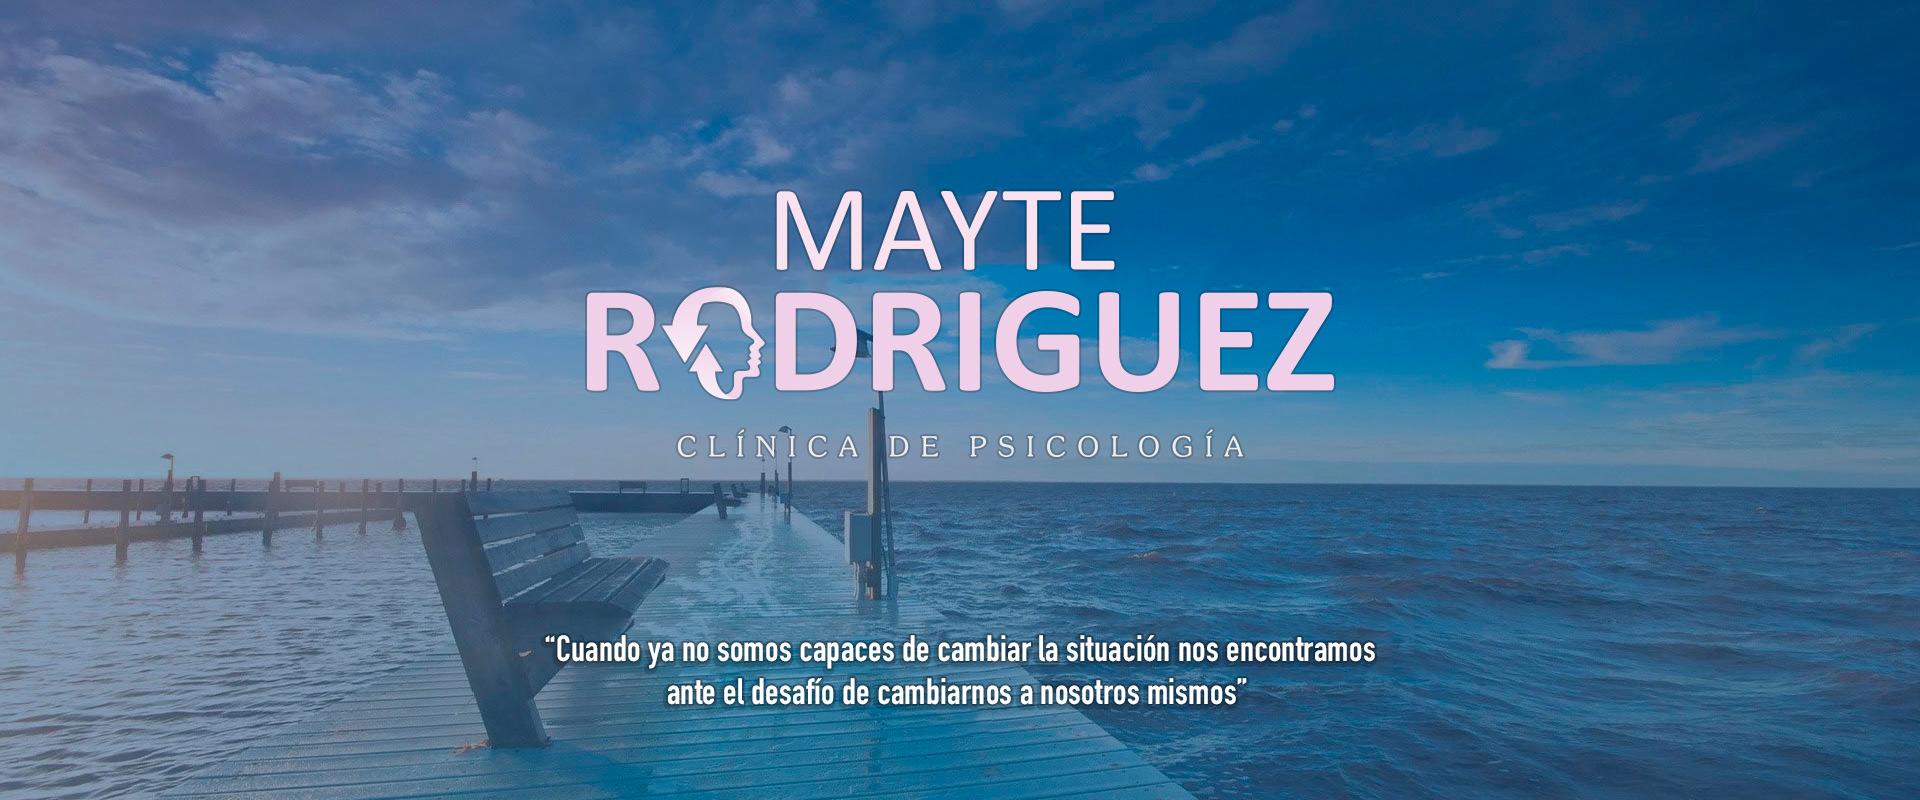 Mayte Rodriguez Psicóloga Gijón Asturias